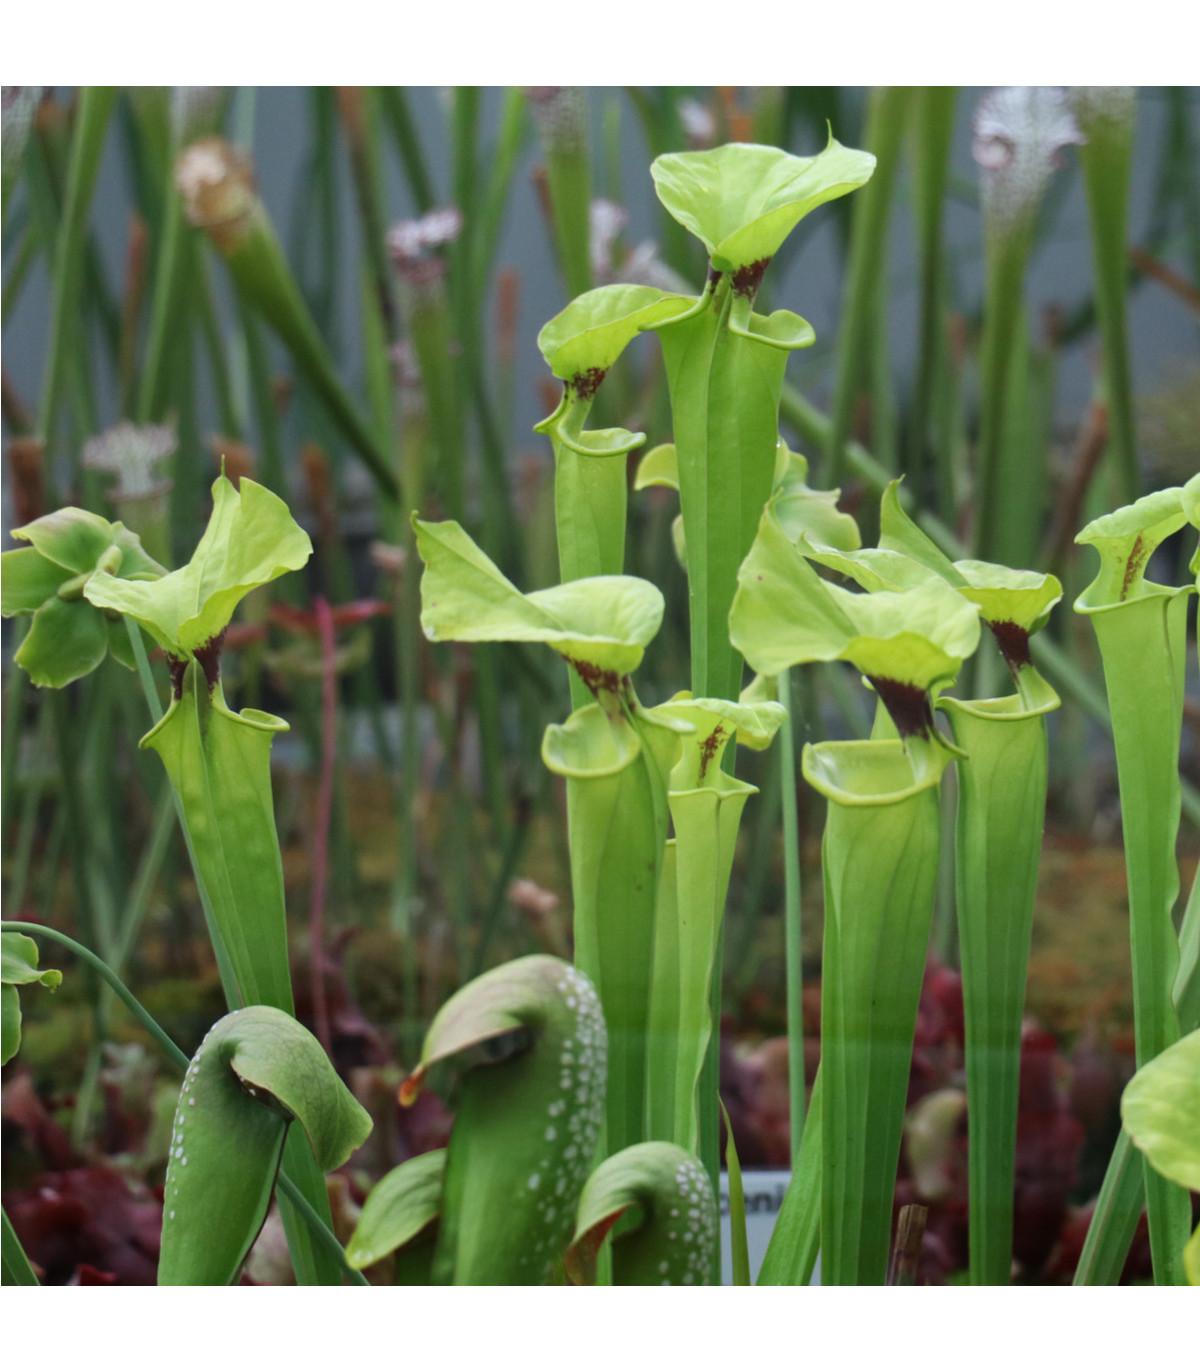 Špirlice bělolistá - Sarracenia leucophylla - osivo špirlice - 12 ks